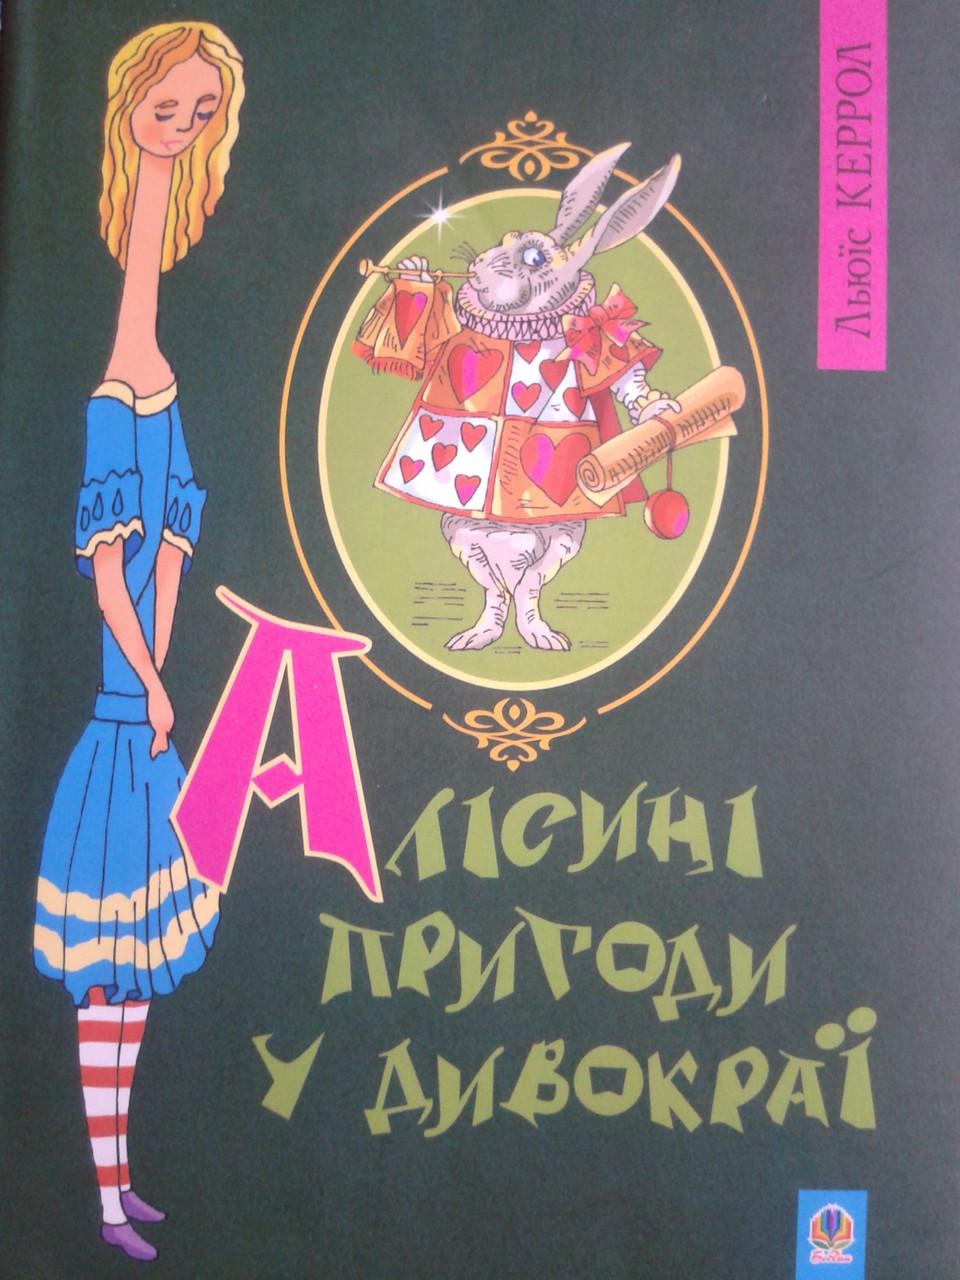 «Аліса в Країні чудес» або «Пригоди Аліси в Країні чудес» — новела, написана англійським професором математики Чарлзом Лютвіджем Доджсоном